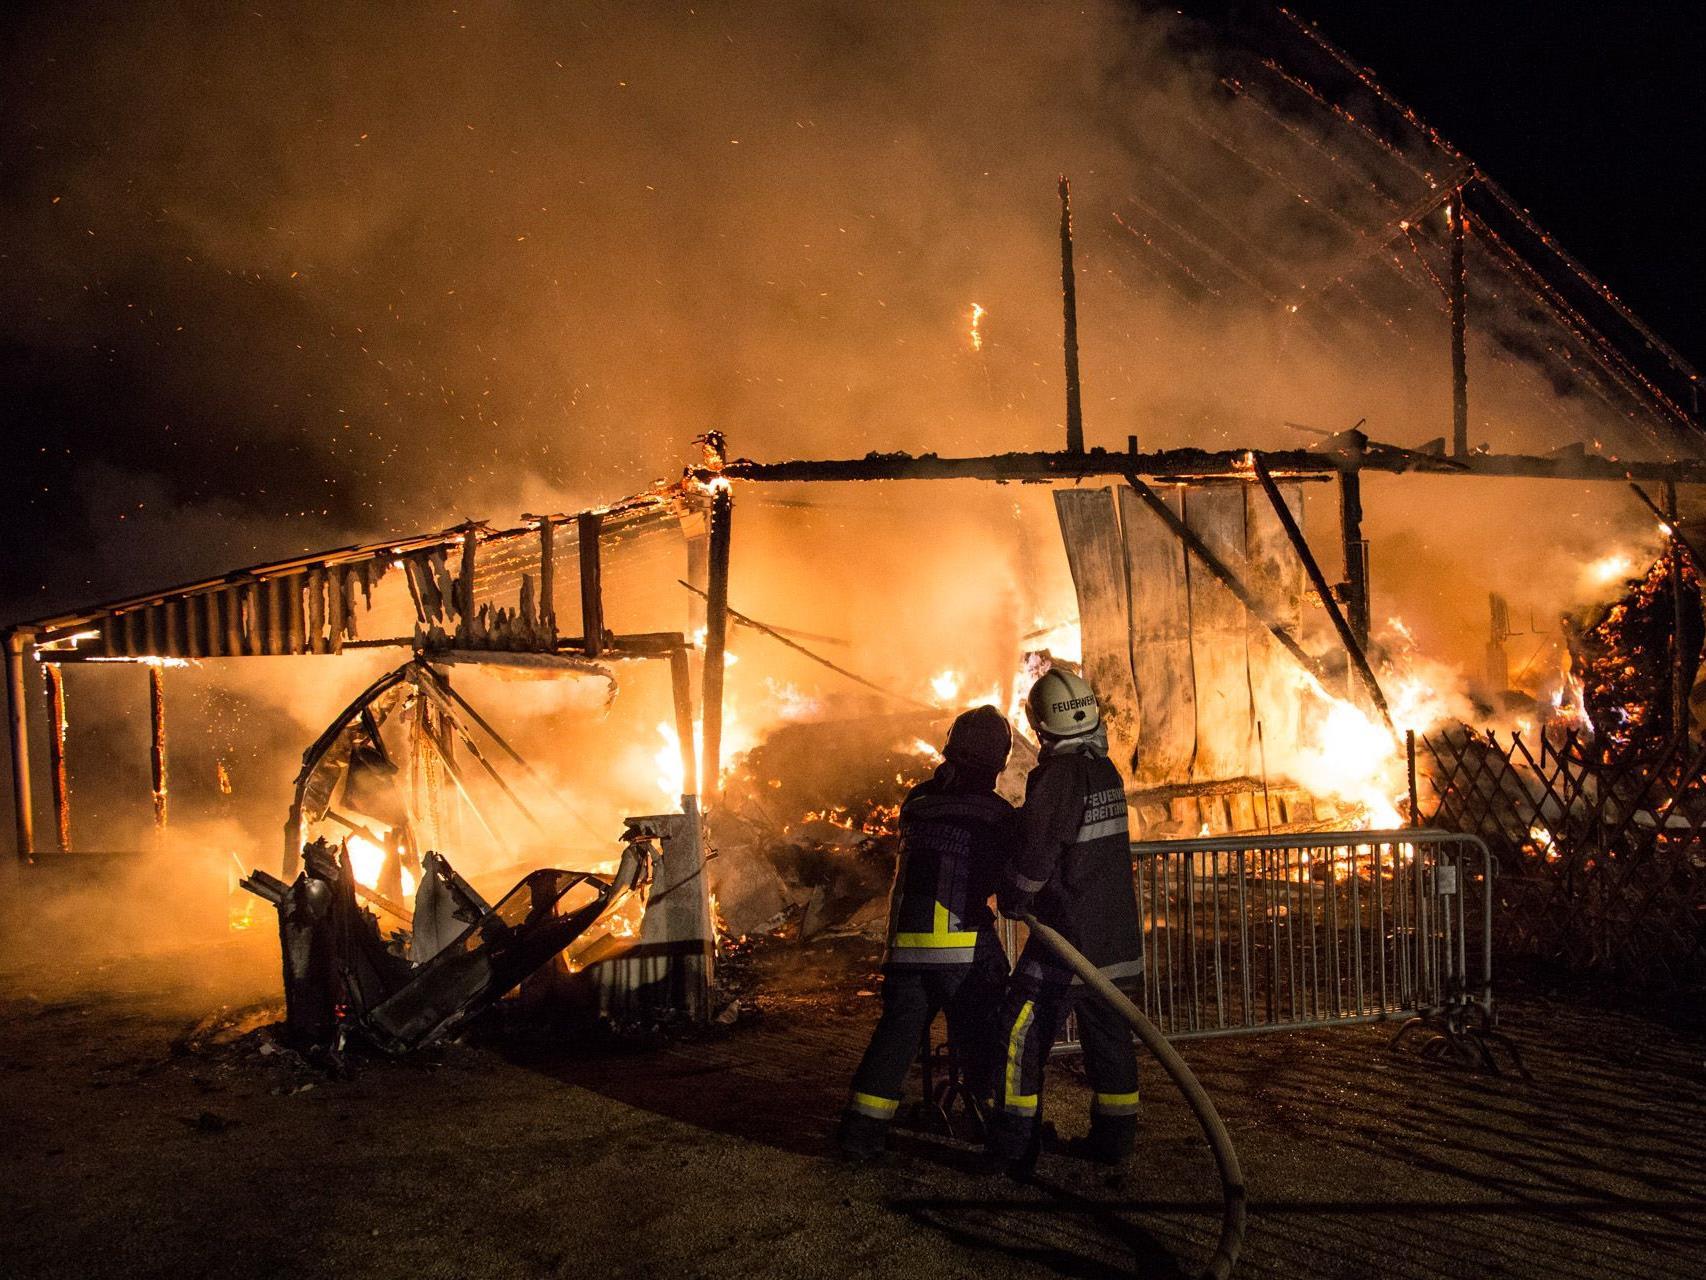 50 Feuerwehrmitglieder waren in der Nacht auf Mittwoch in Wolfsbrunn bei Hollabrunn im Einsatz.